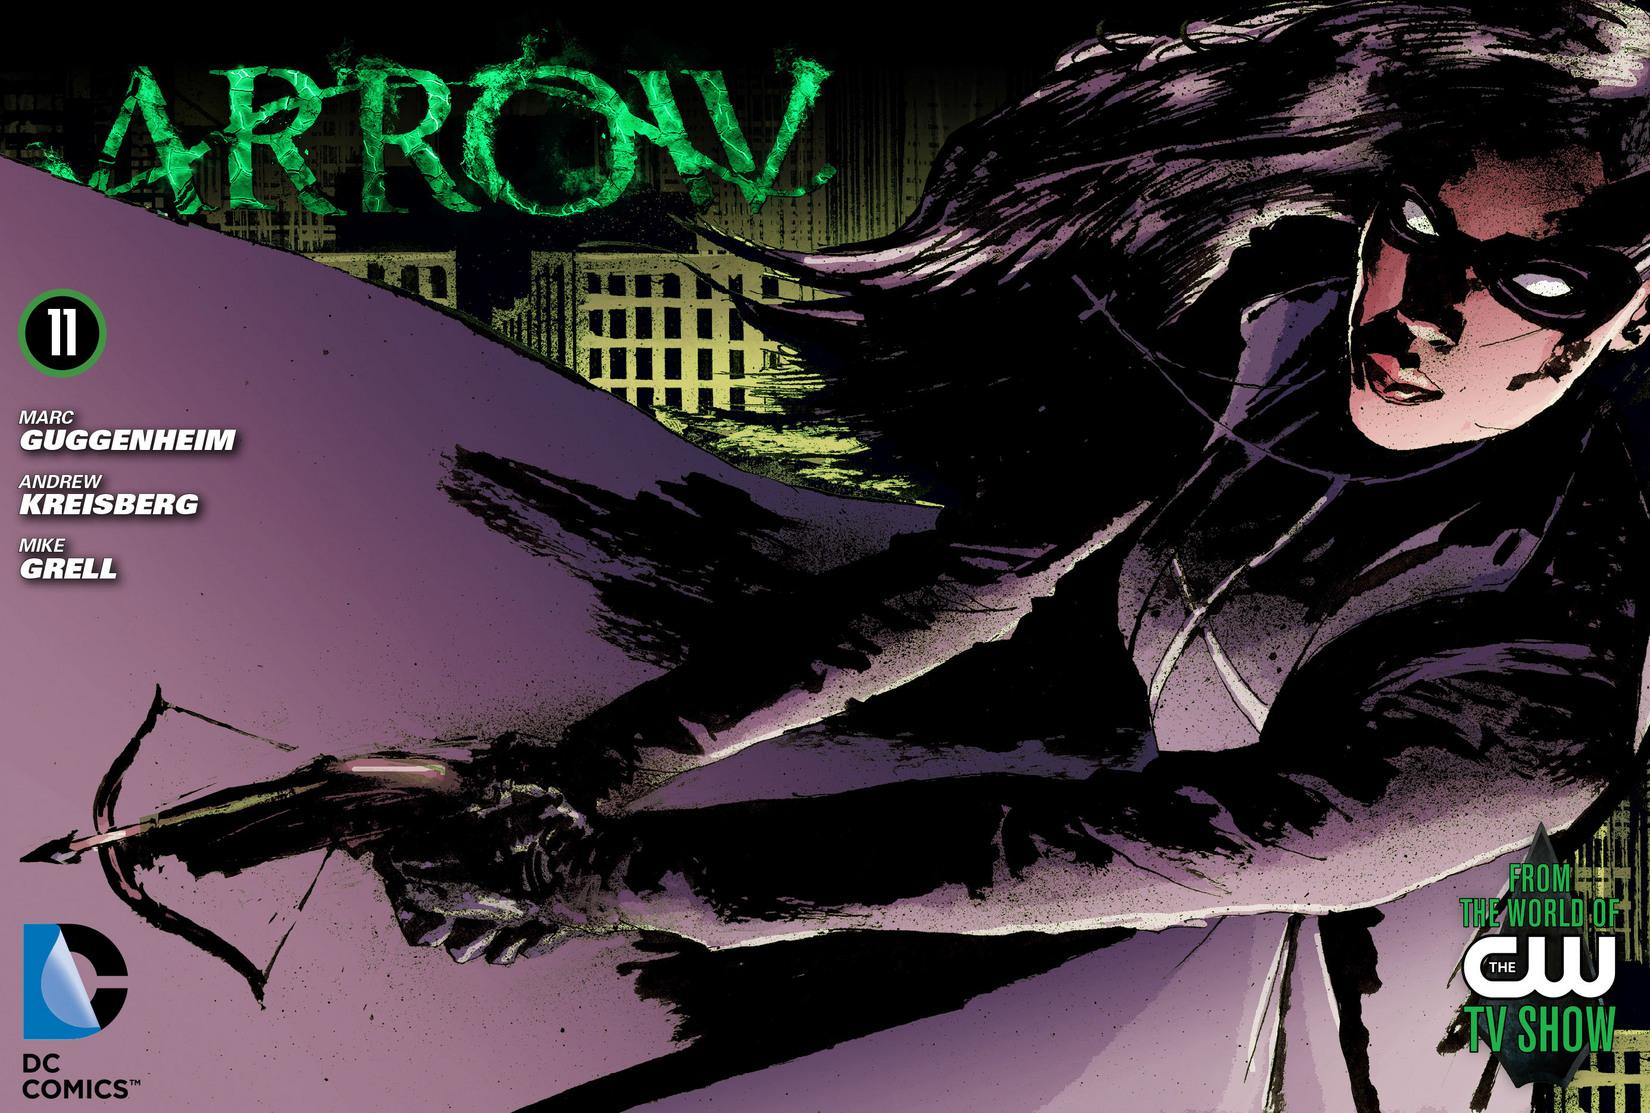 Read online Arrow [II] comic -  Issue #11 - 1